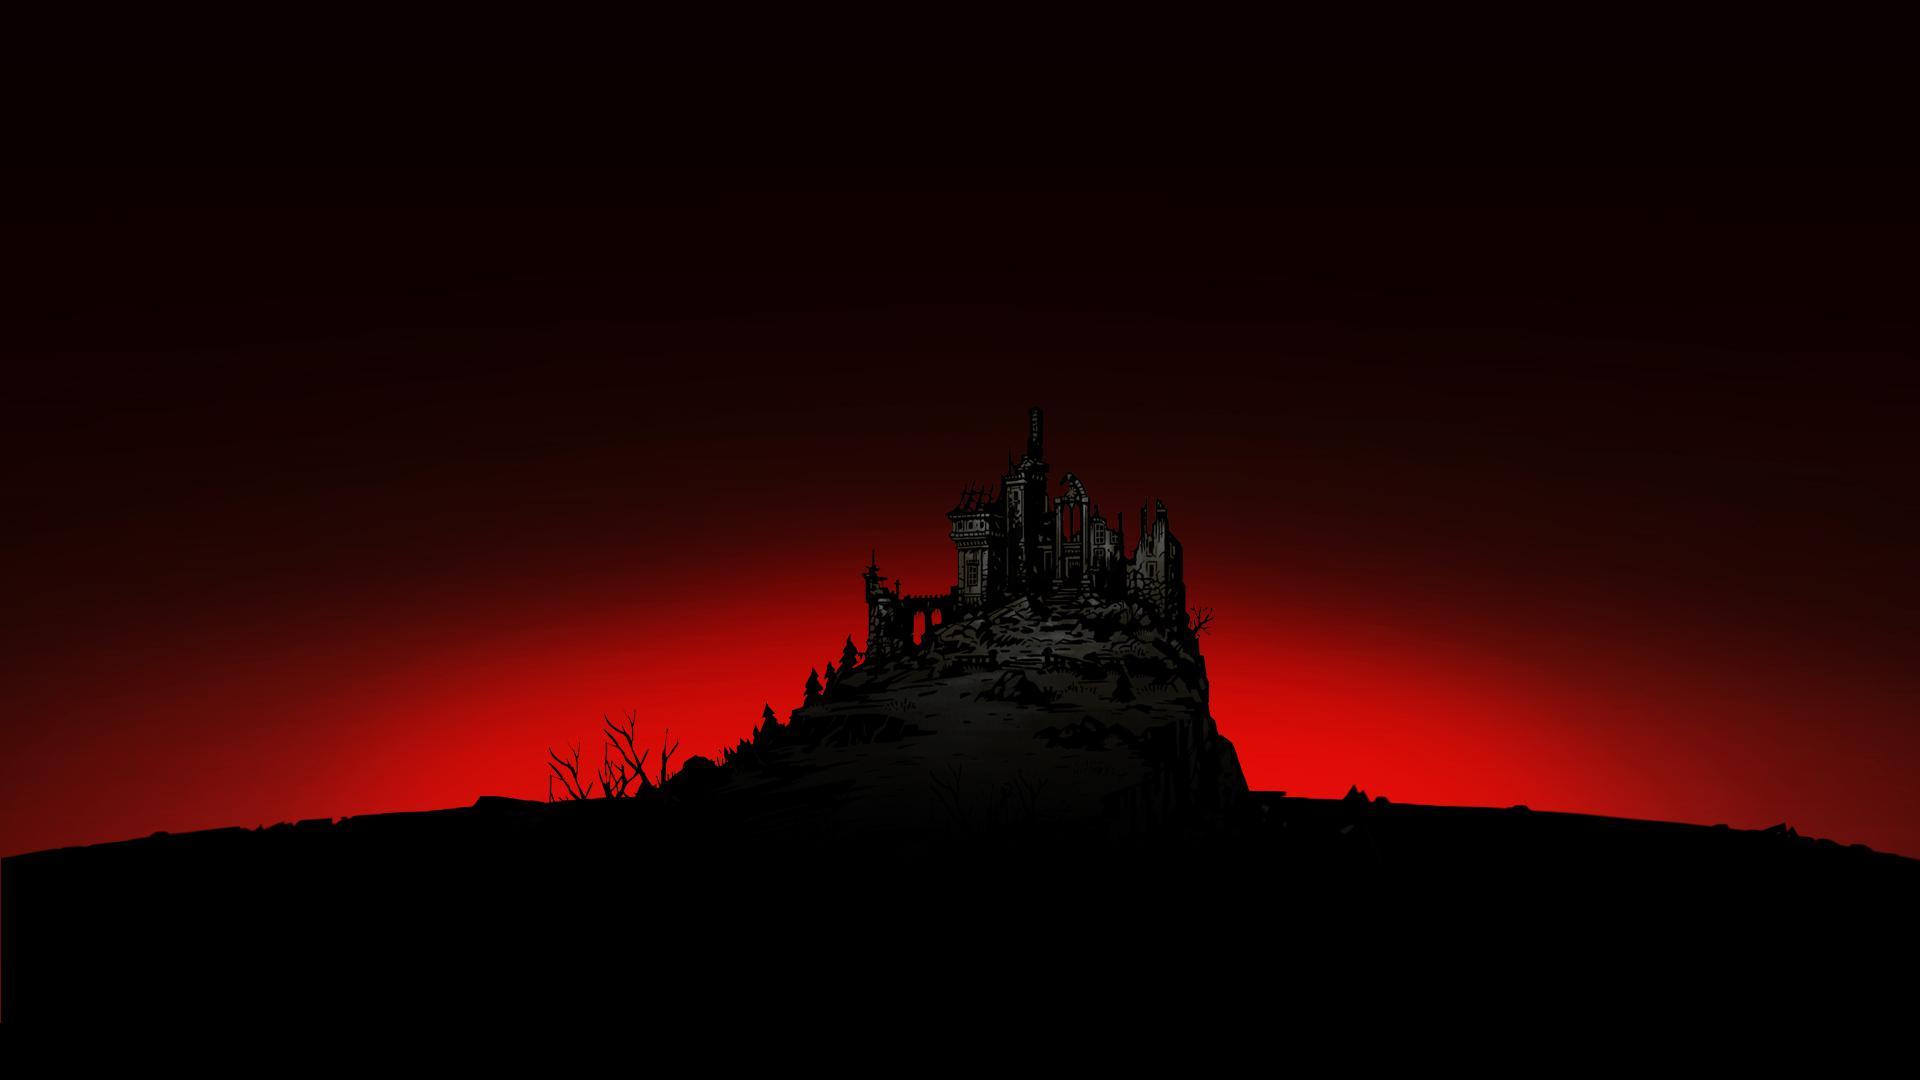 Darkest Dungeon (73 Wallpapers) - Adorable Wallpapers